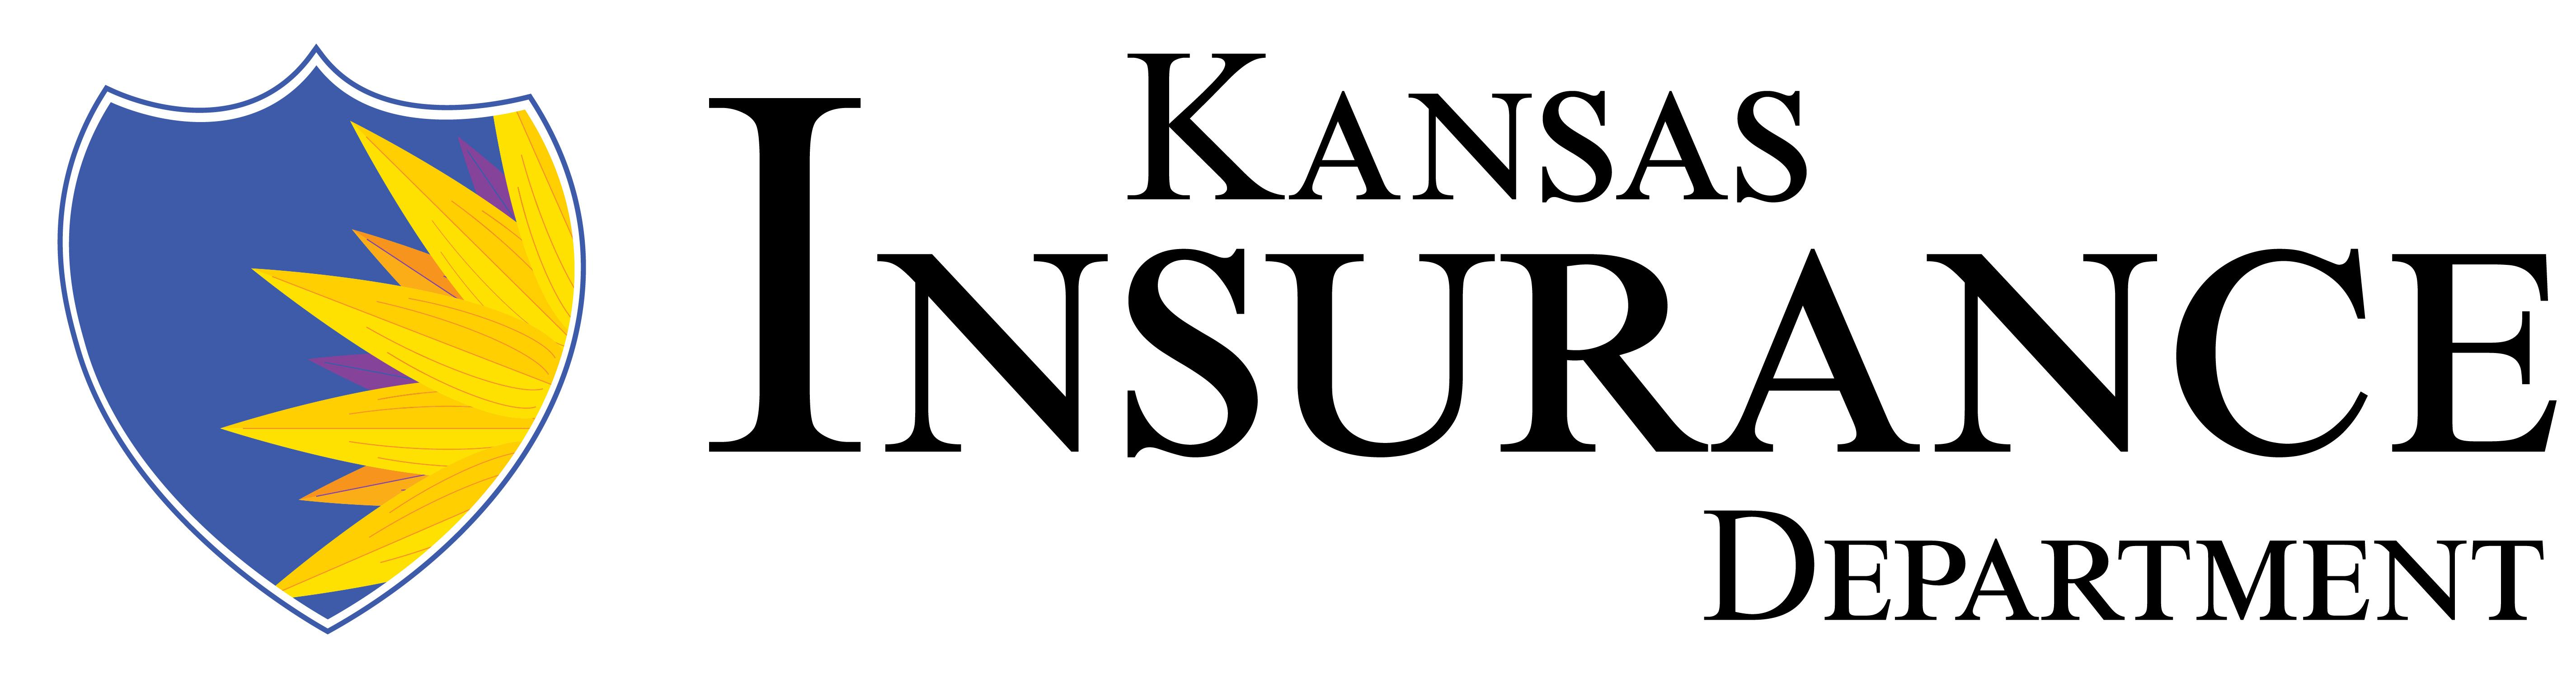 Kansas Insurance Department - logo